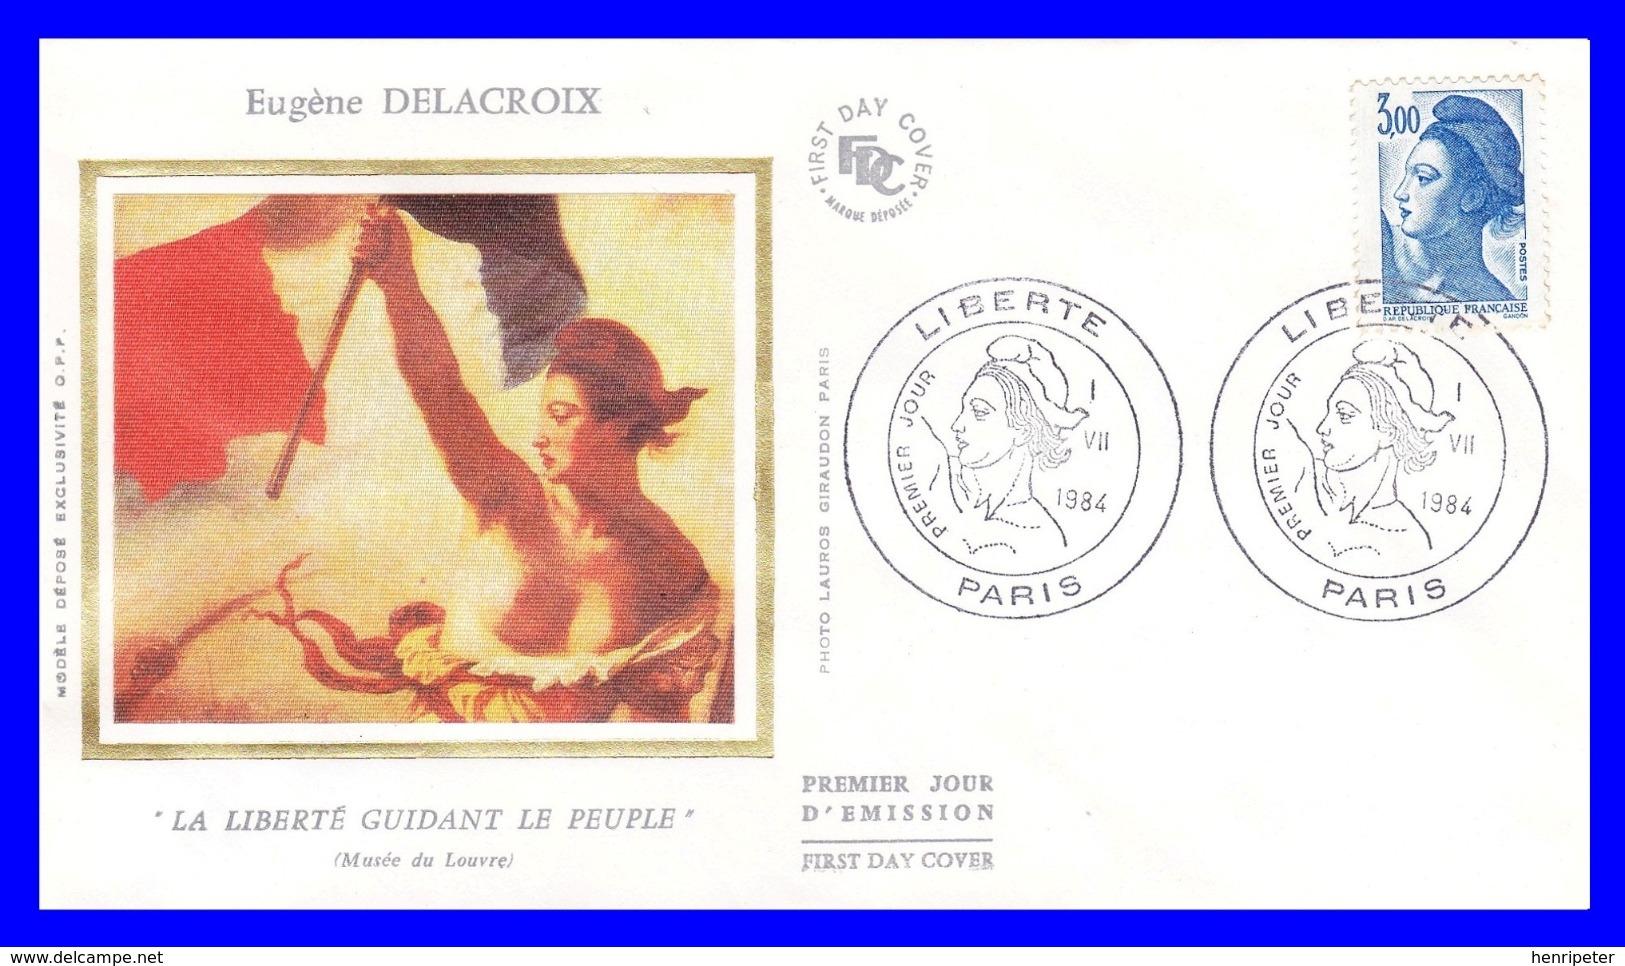 """2320 Yvert) Sur Enveloppe Premier Jour Illustrée Sur Soie - Type """"Liberté"""" De Delacroix - France 1984 - FDC"""